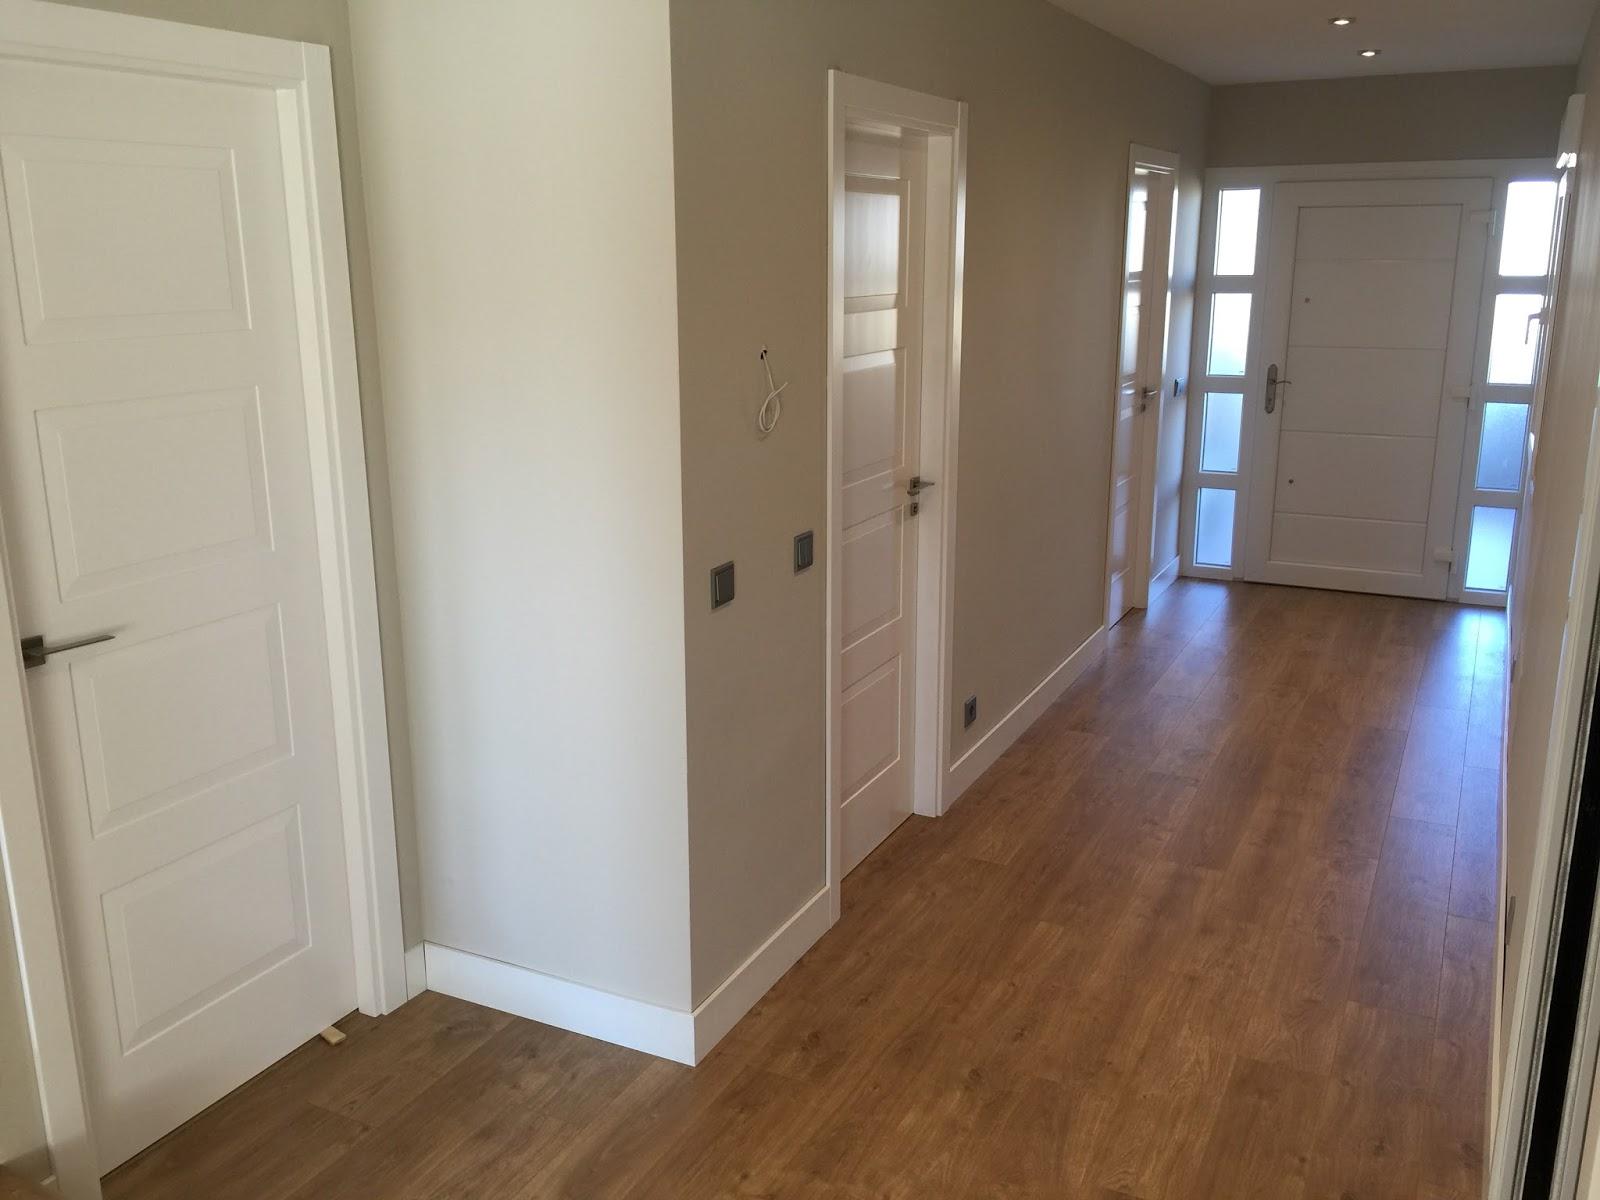 Puertas de interior lacadas karpinteria puertas - Puertas y armarios ...